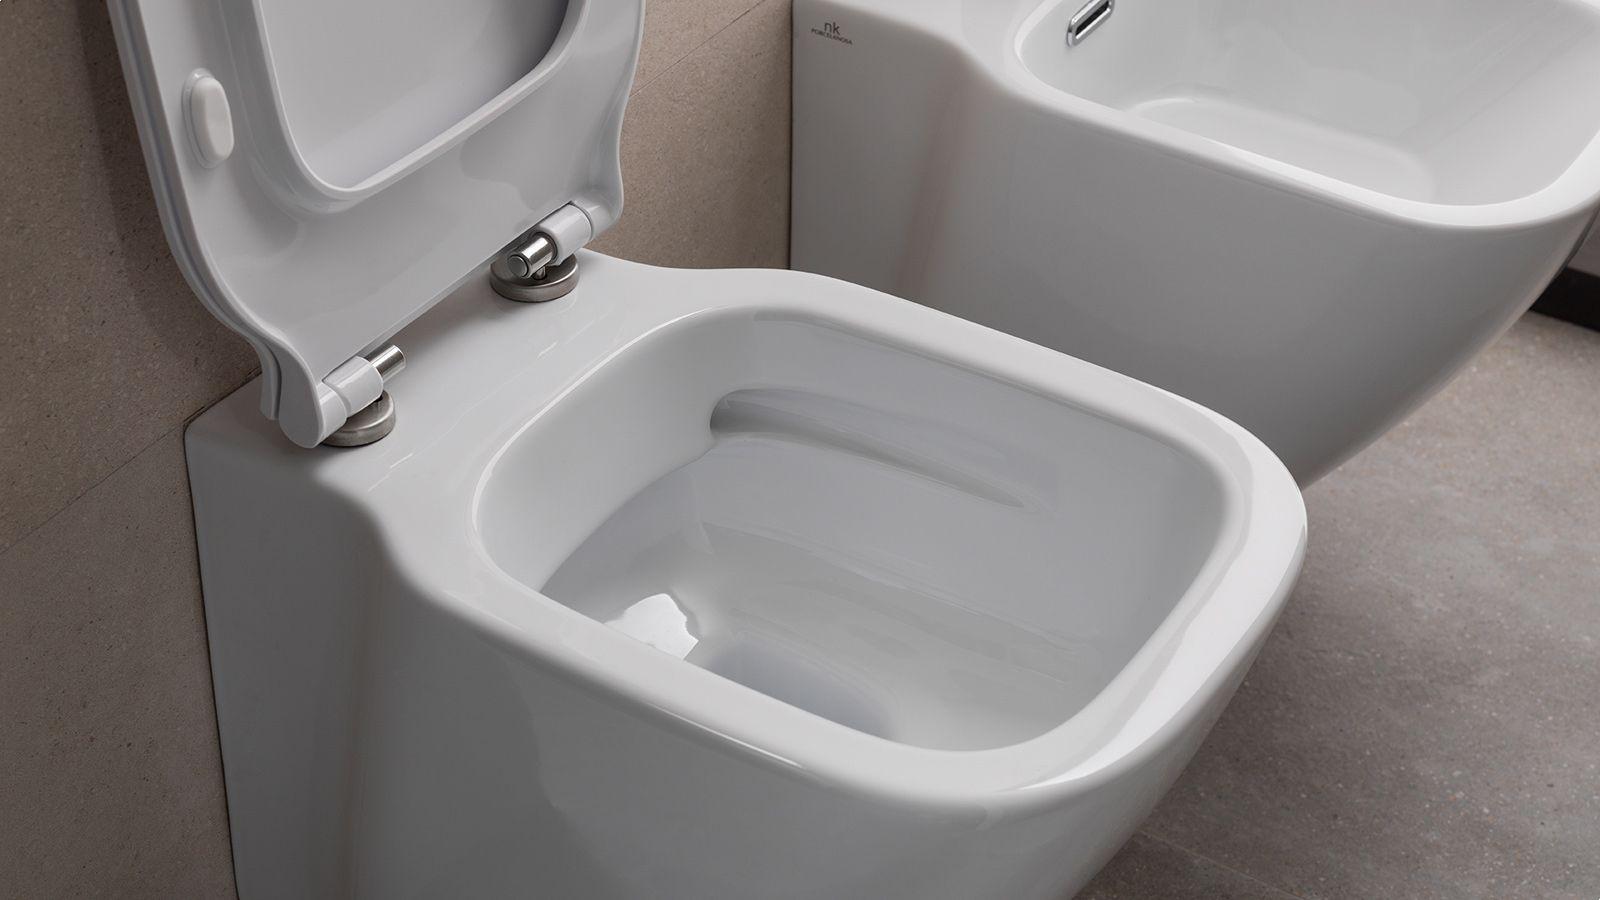 Проверенные способы уменьшения расхода воды в унитазе_3